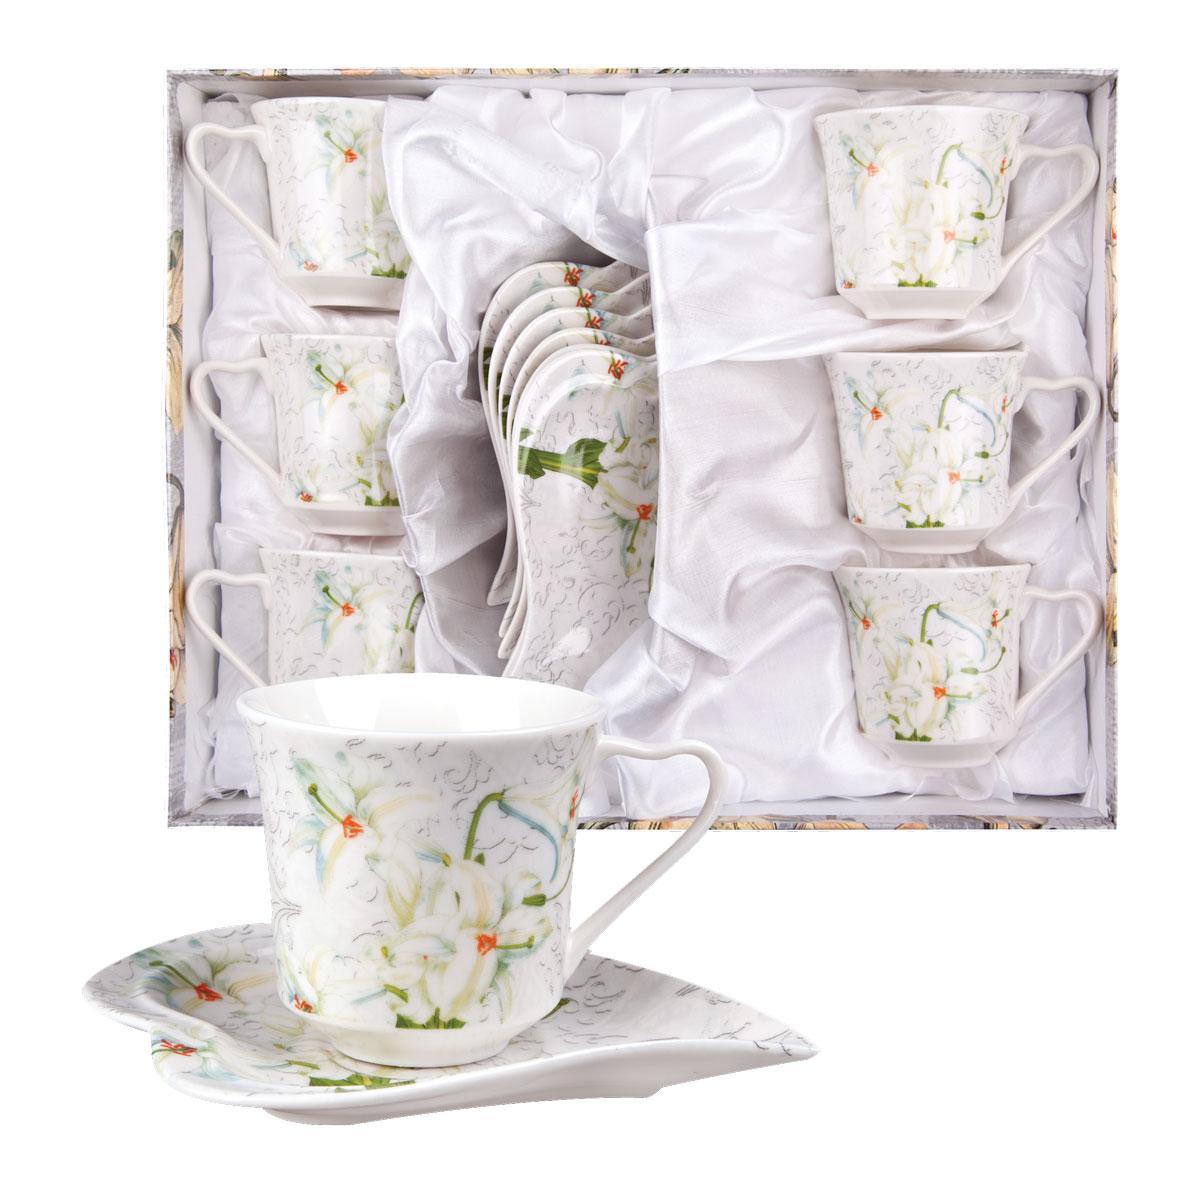 Набор для кофе ЛИЛИЯ, 12 предметов (чашка 100 мл 6 шт, блюдце 6 шт.)WT100ML12Невероятно красивые, стильные и функциональные товары бренда Miolla помогут создать дома атмосферу уюта. Современные, продуманные решения для уборки ваших квартир — всё, о чем мечтает каждая хозяйка!